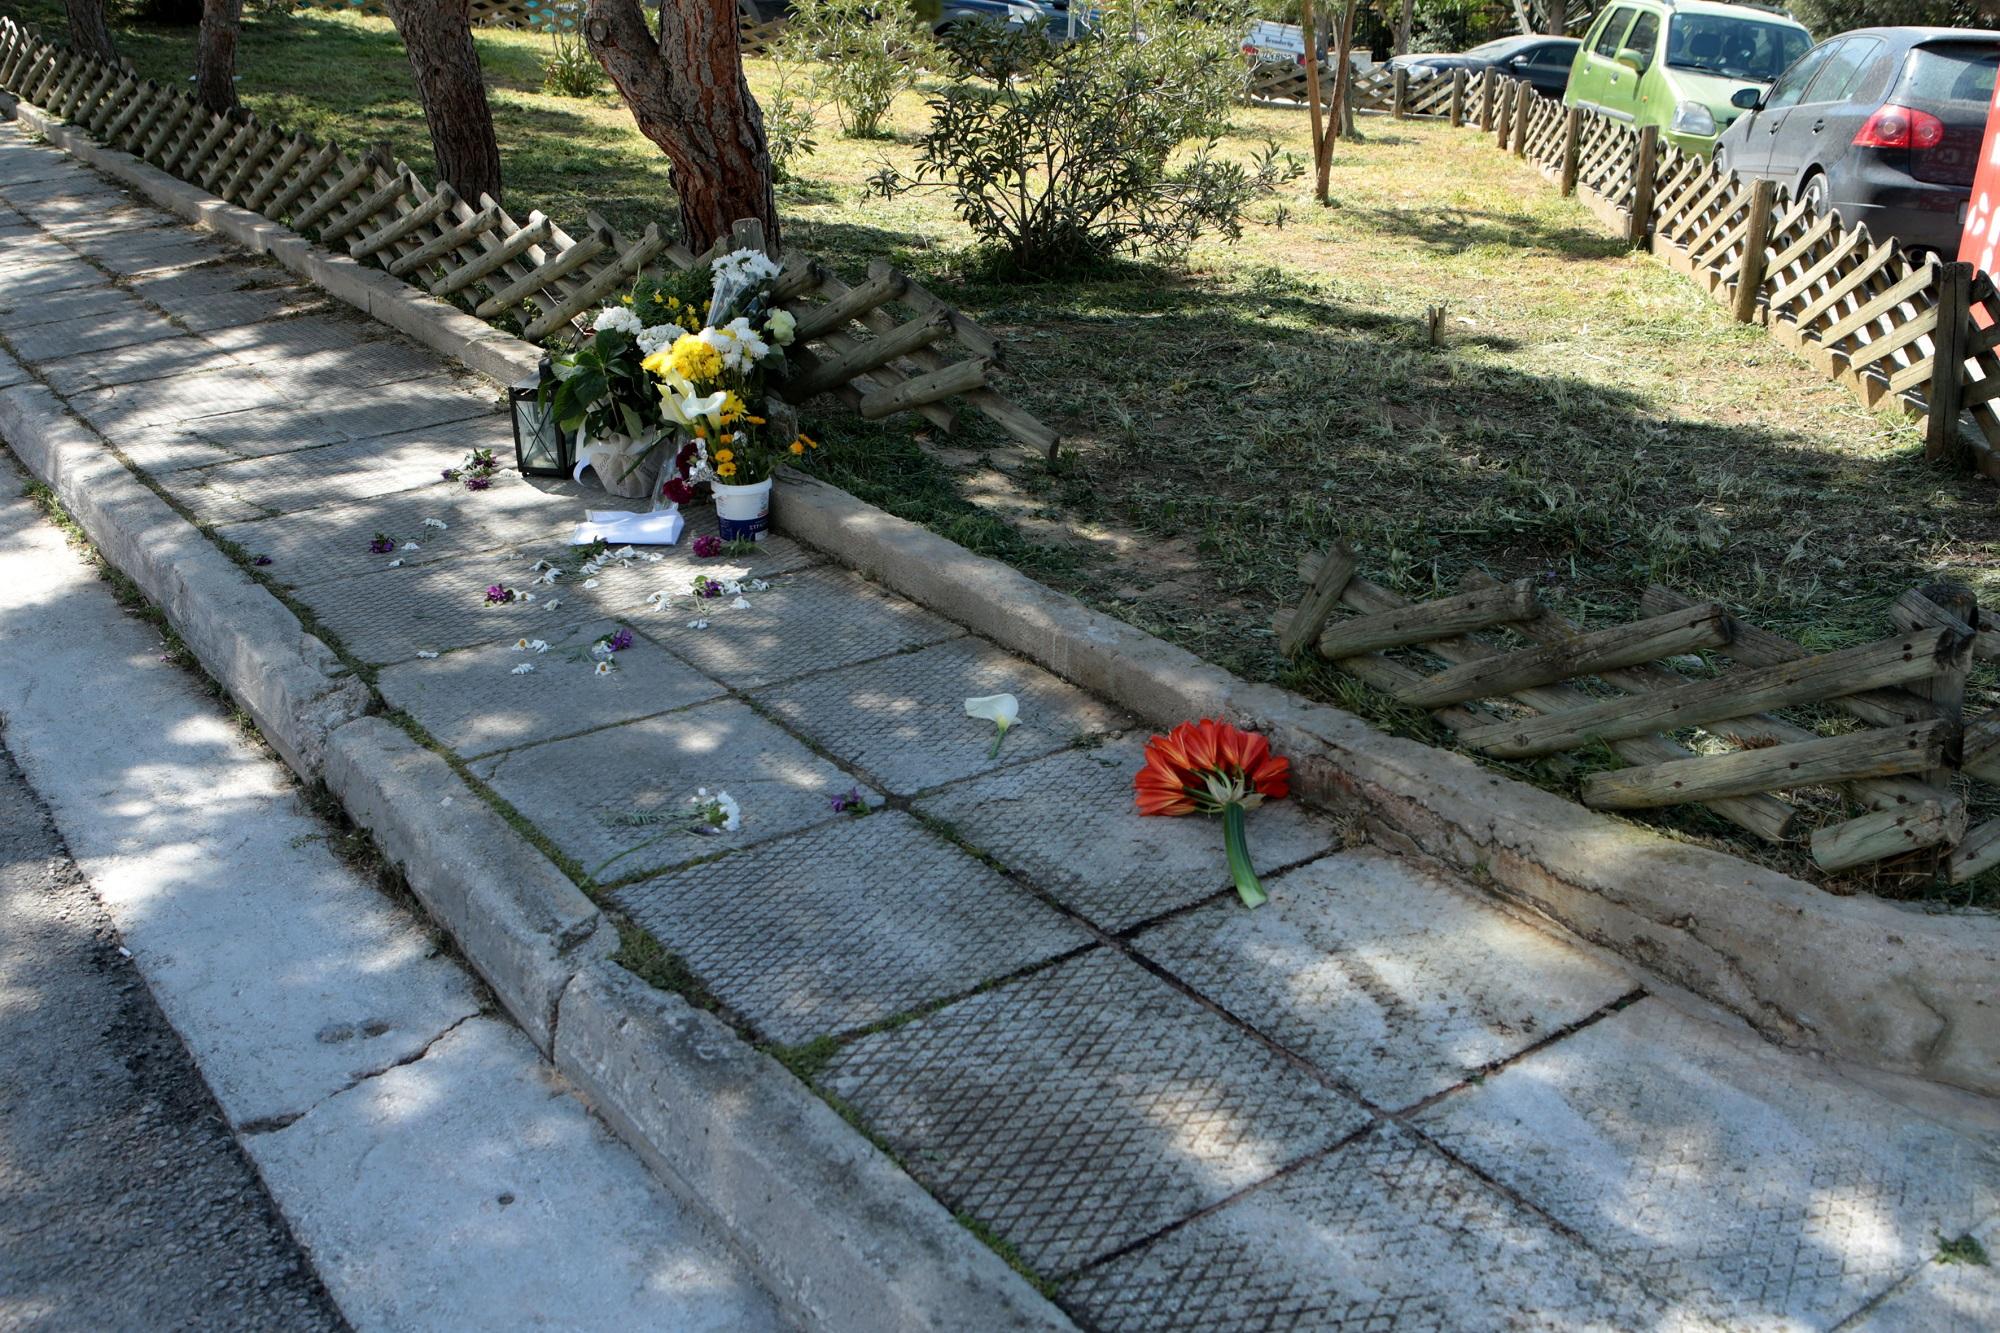 Δολοφονία Καραϊβάζ: Συμβόλαιο θανάτου βλέπει η ΕΛ.ΑΣ. (video) - ertnews.gr